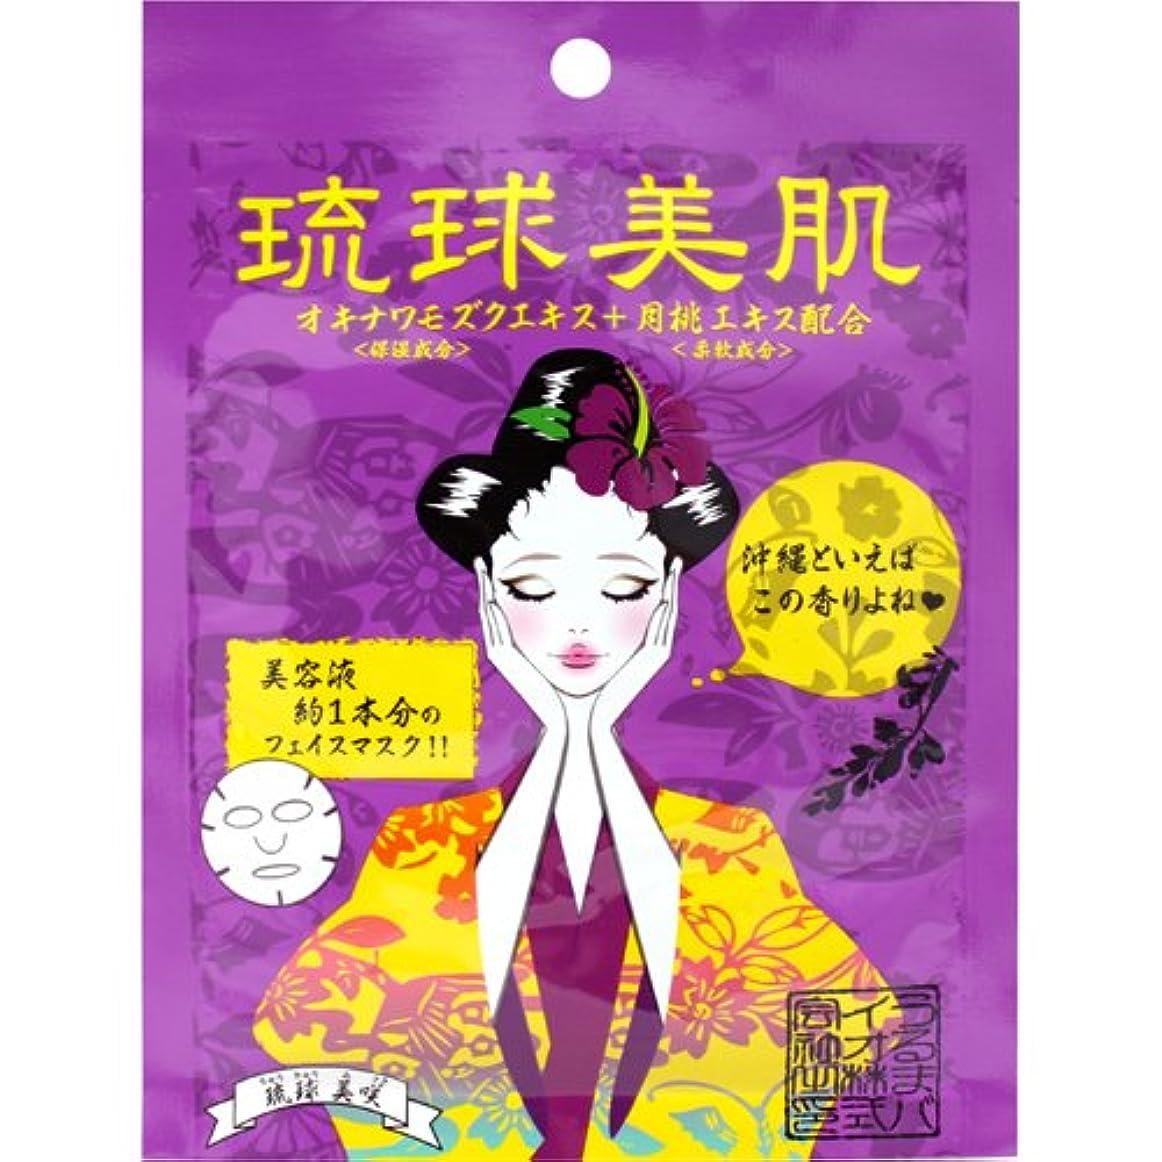 フェミニンマカダム舌琉球美肌 フェイスマスクシート 月桃の香り 10枚セット